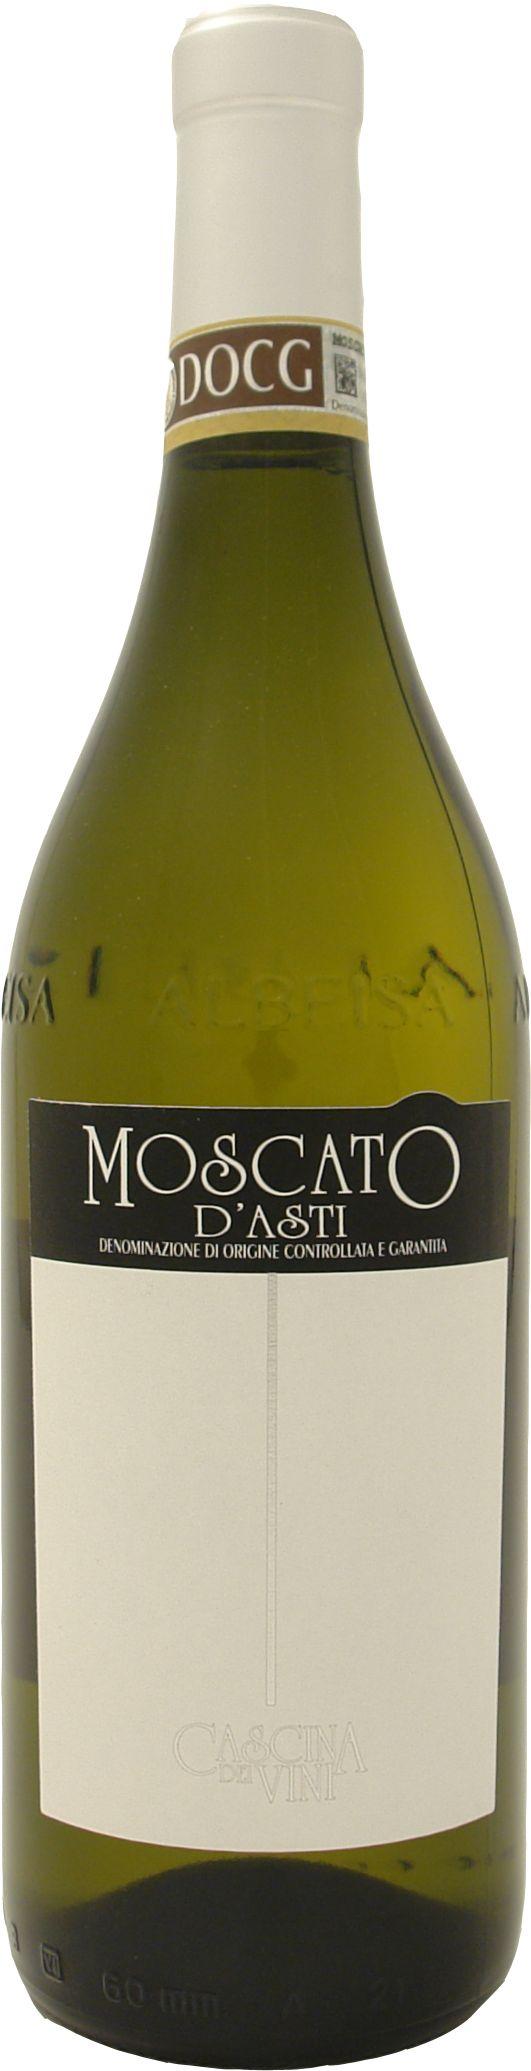 Moscato d'Asti DOCG - Cascina dei Vini - Bernard - Il Sapore della Natura